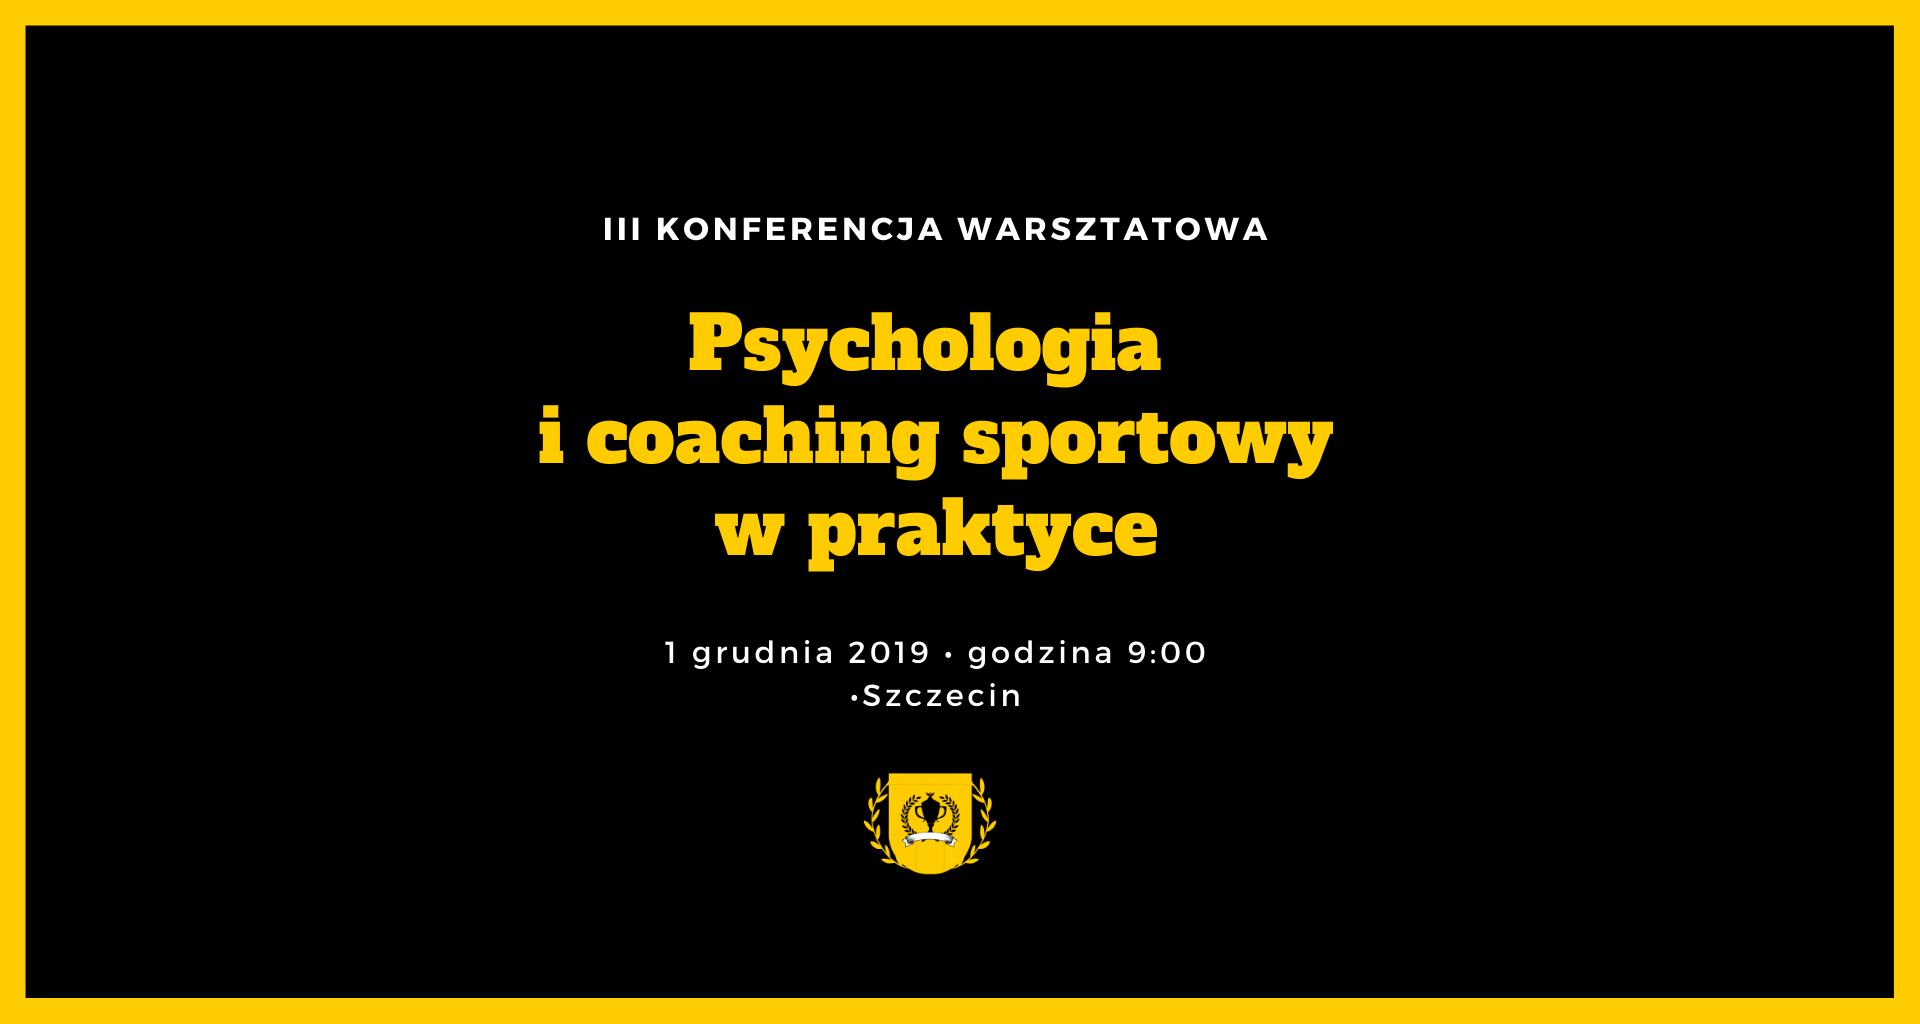 Konferencja warsztatowa - Psychologia i coaching sportowy w praktyce. III edycja.